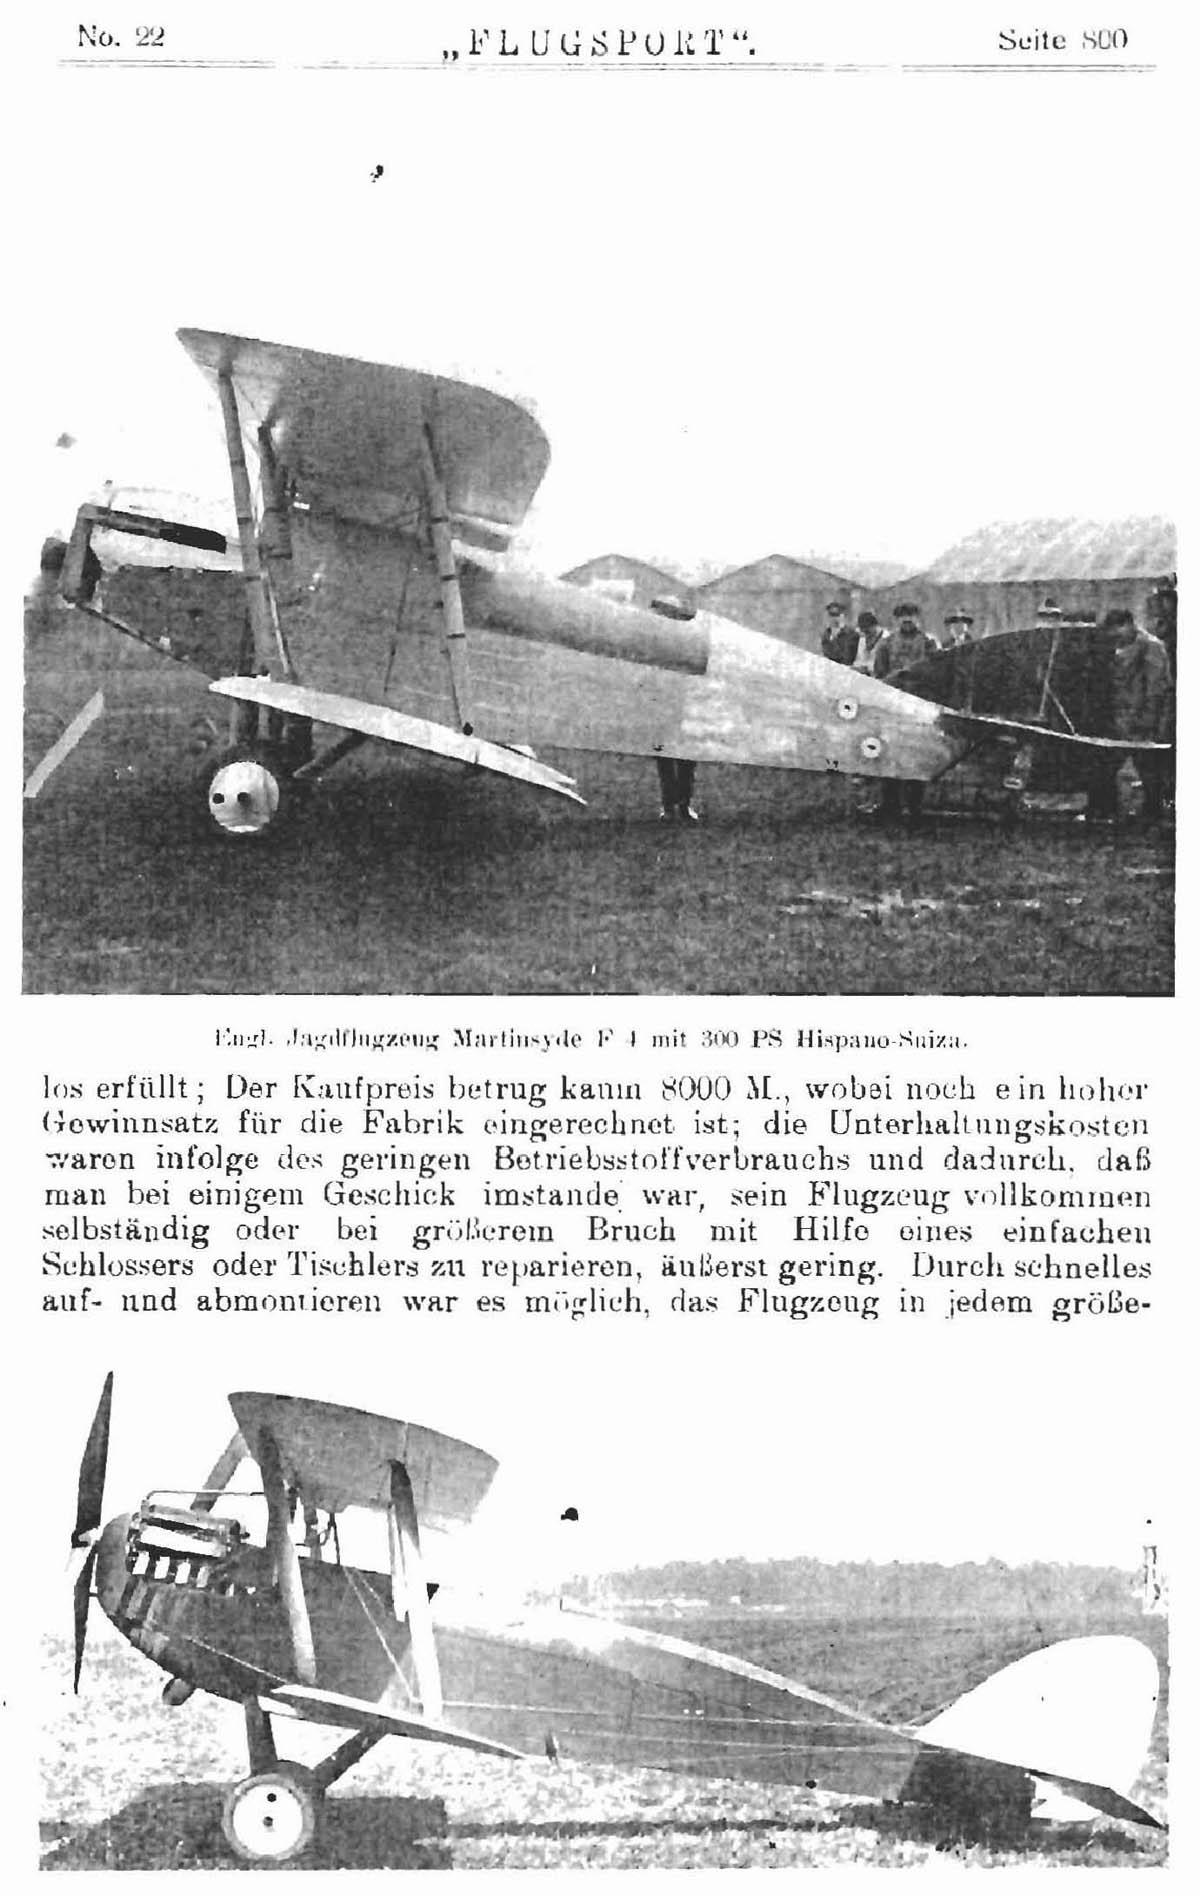 Leseprobe Zeitschrift Flugsport vom 29. Oktober 1919